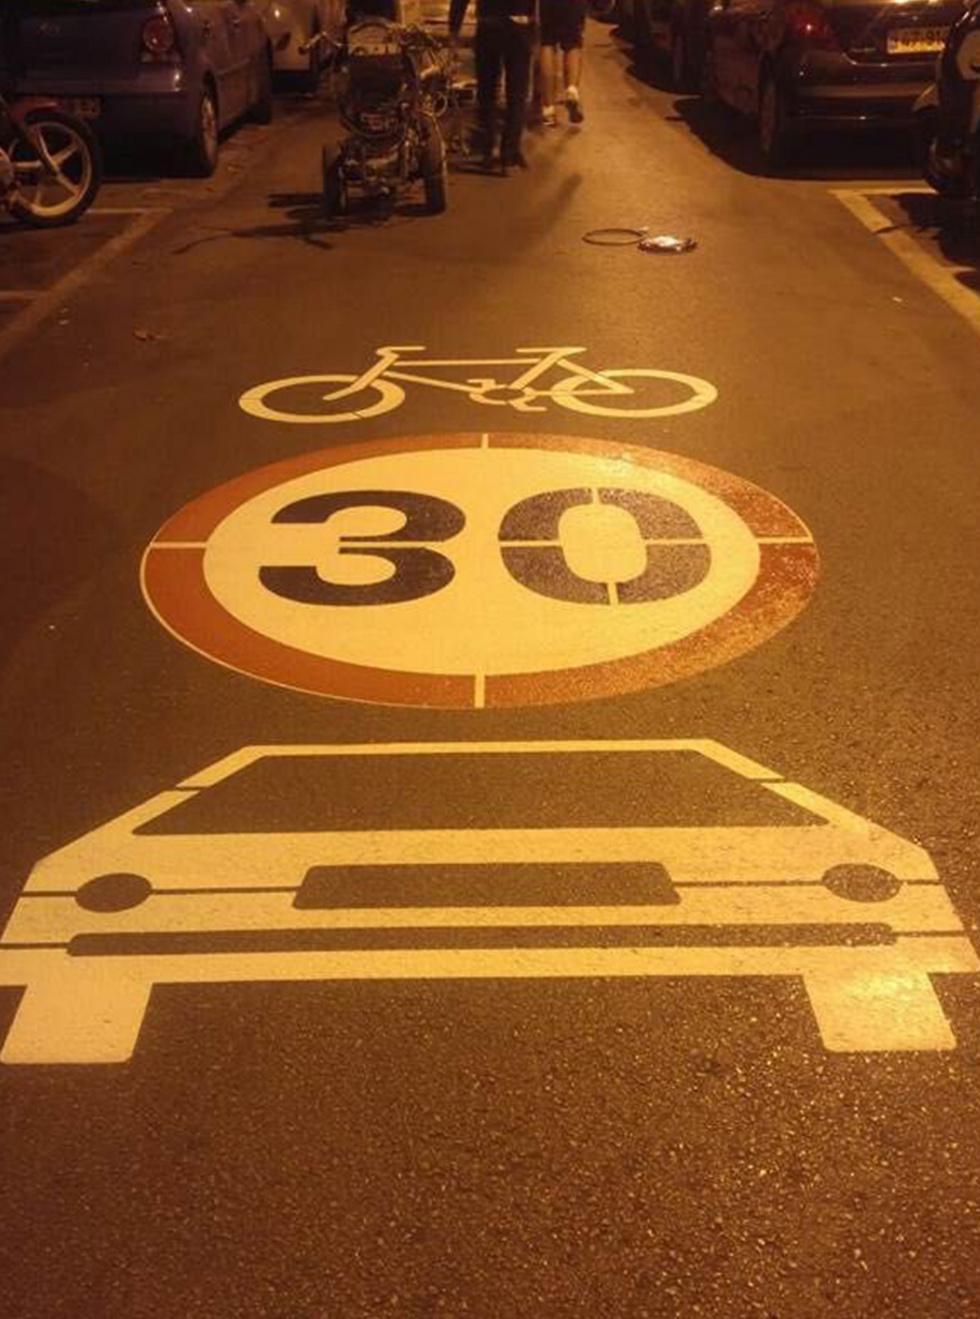 כביש המסומן לכלי רכב ולאופניים, במקומות שבהם לא ניתן לסלול נתיבים ייעודיים